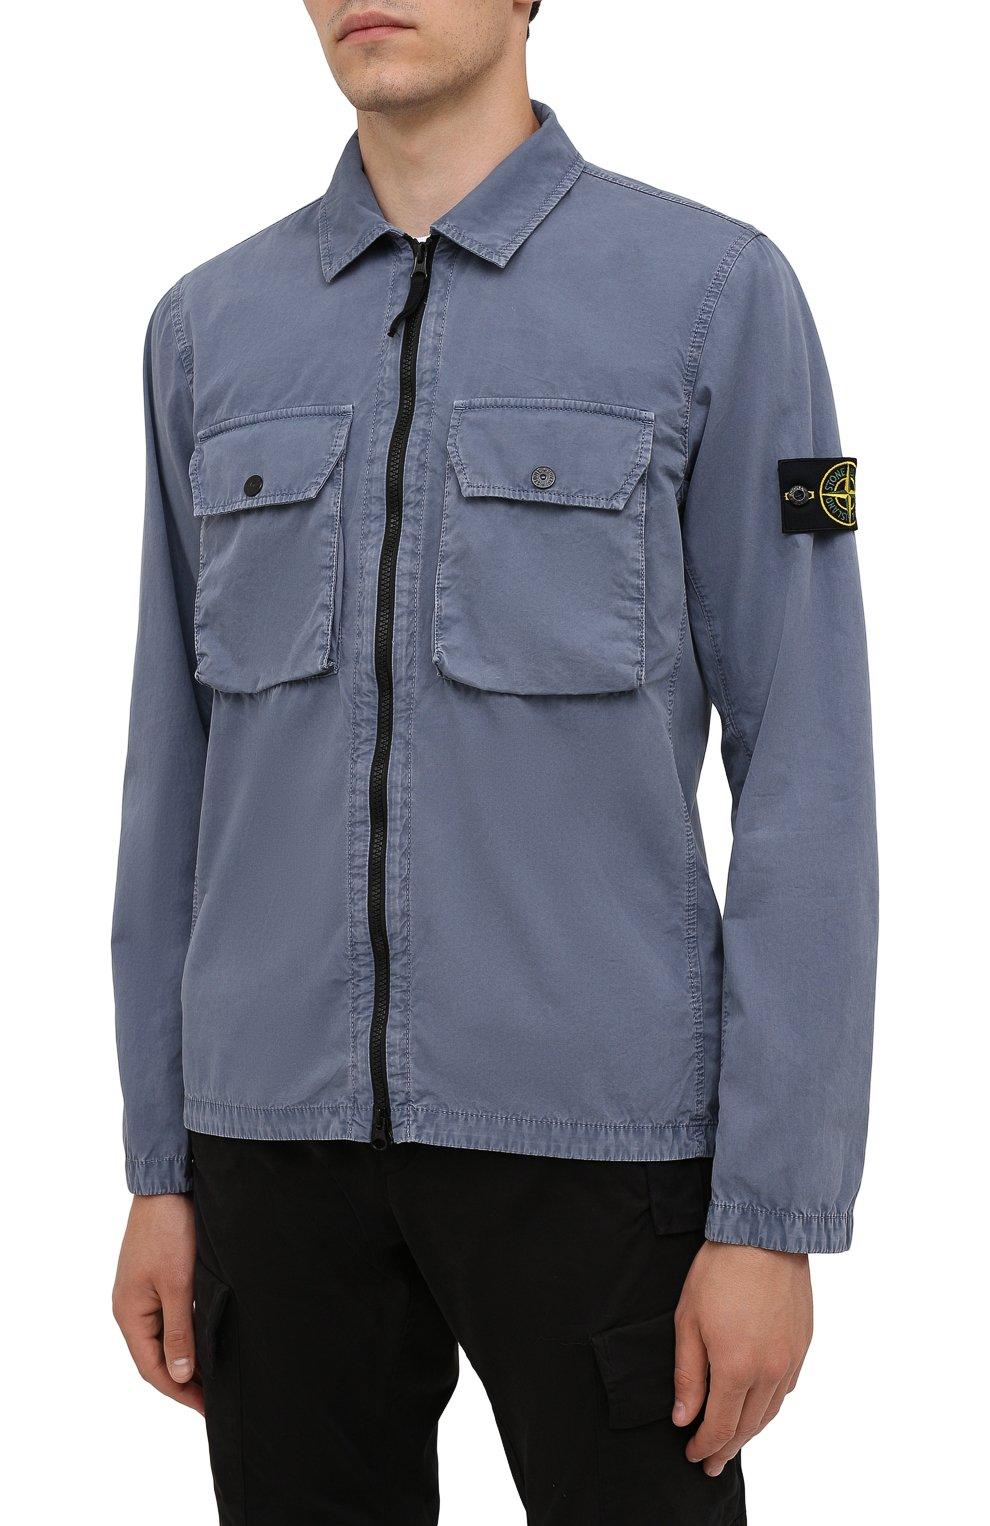 Мужская хлопковая куртка STONE ISLAND синего цвета, арт. 7515113WN | Фото 3 (Кросс-КТ: Куртка, Ветровка; Рукава: Длинные; Материал внешний: Хлопок; Длина (верхняя одежда): Короткие; Стили: Кэжуэл)